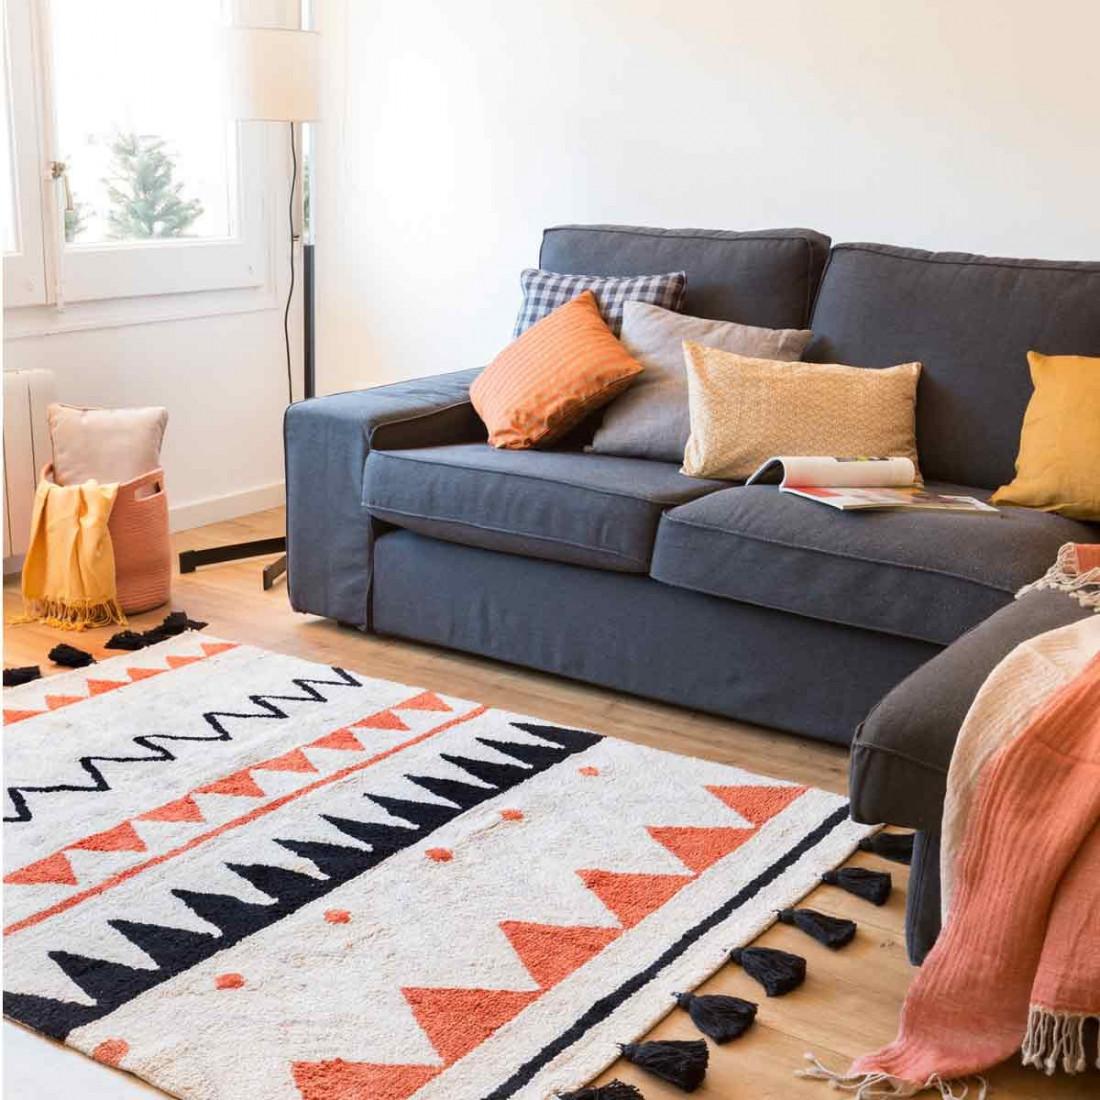 tapis coton lavable motifs azt 232 que beige orange noir et gris canals ma chambramoi